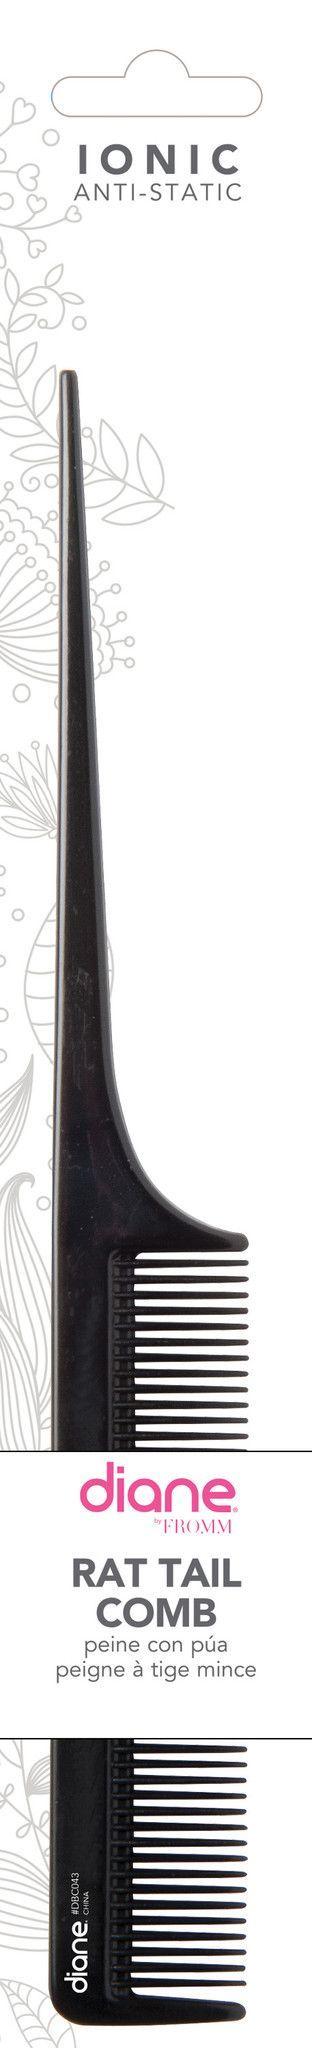 Diane Ionic Rat Tail Comb